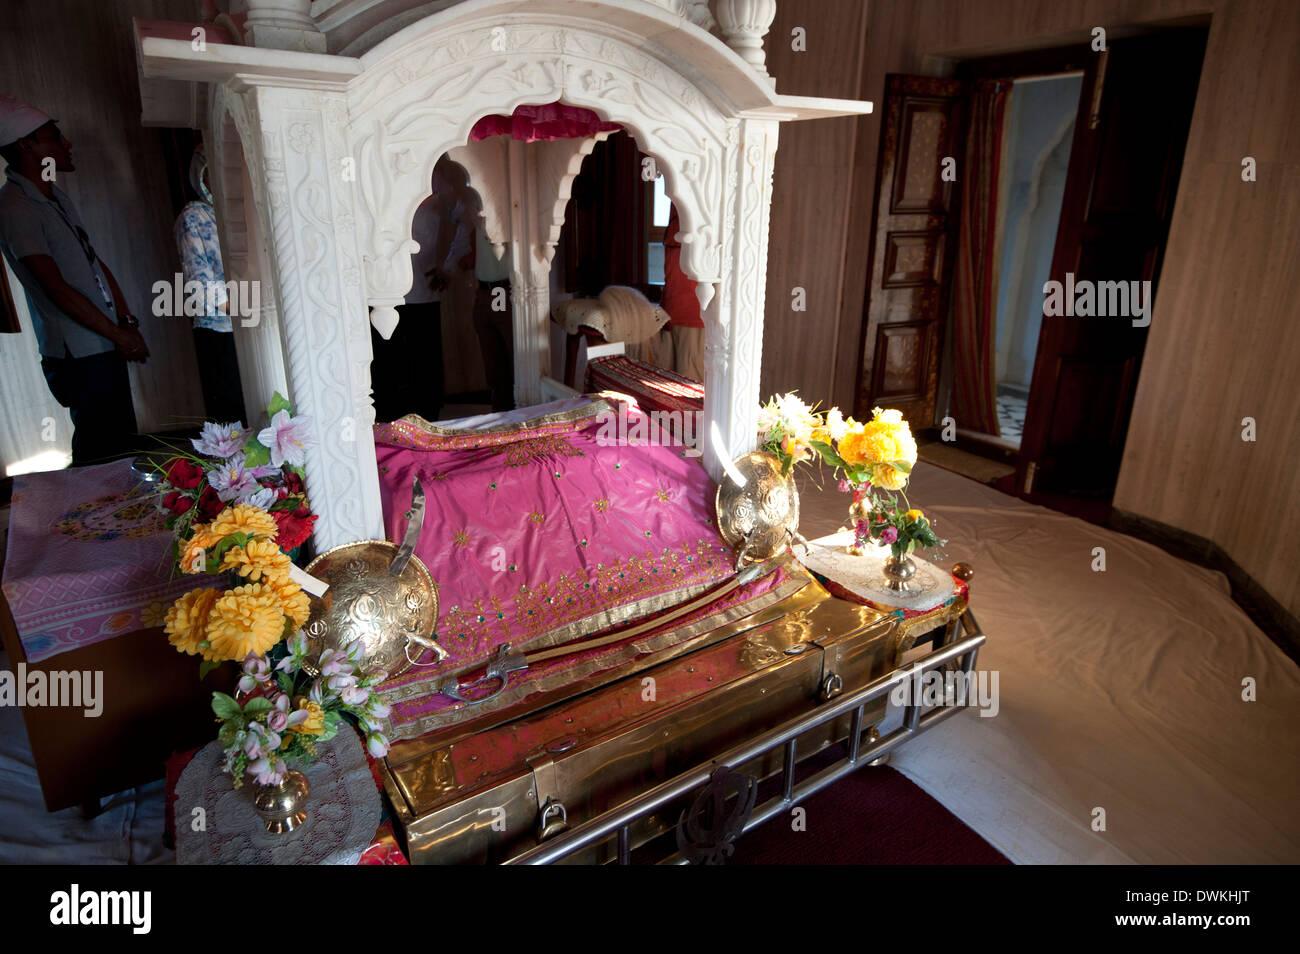 Guru Granth Sahib, the Sikh holy book at the Gurudwara Sri Guru Tegh Bahadur Sahib Sikh temple, Dhubri, Assam, India - Stock Image